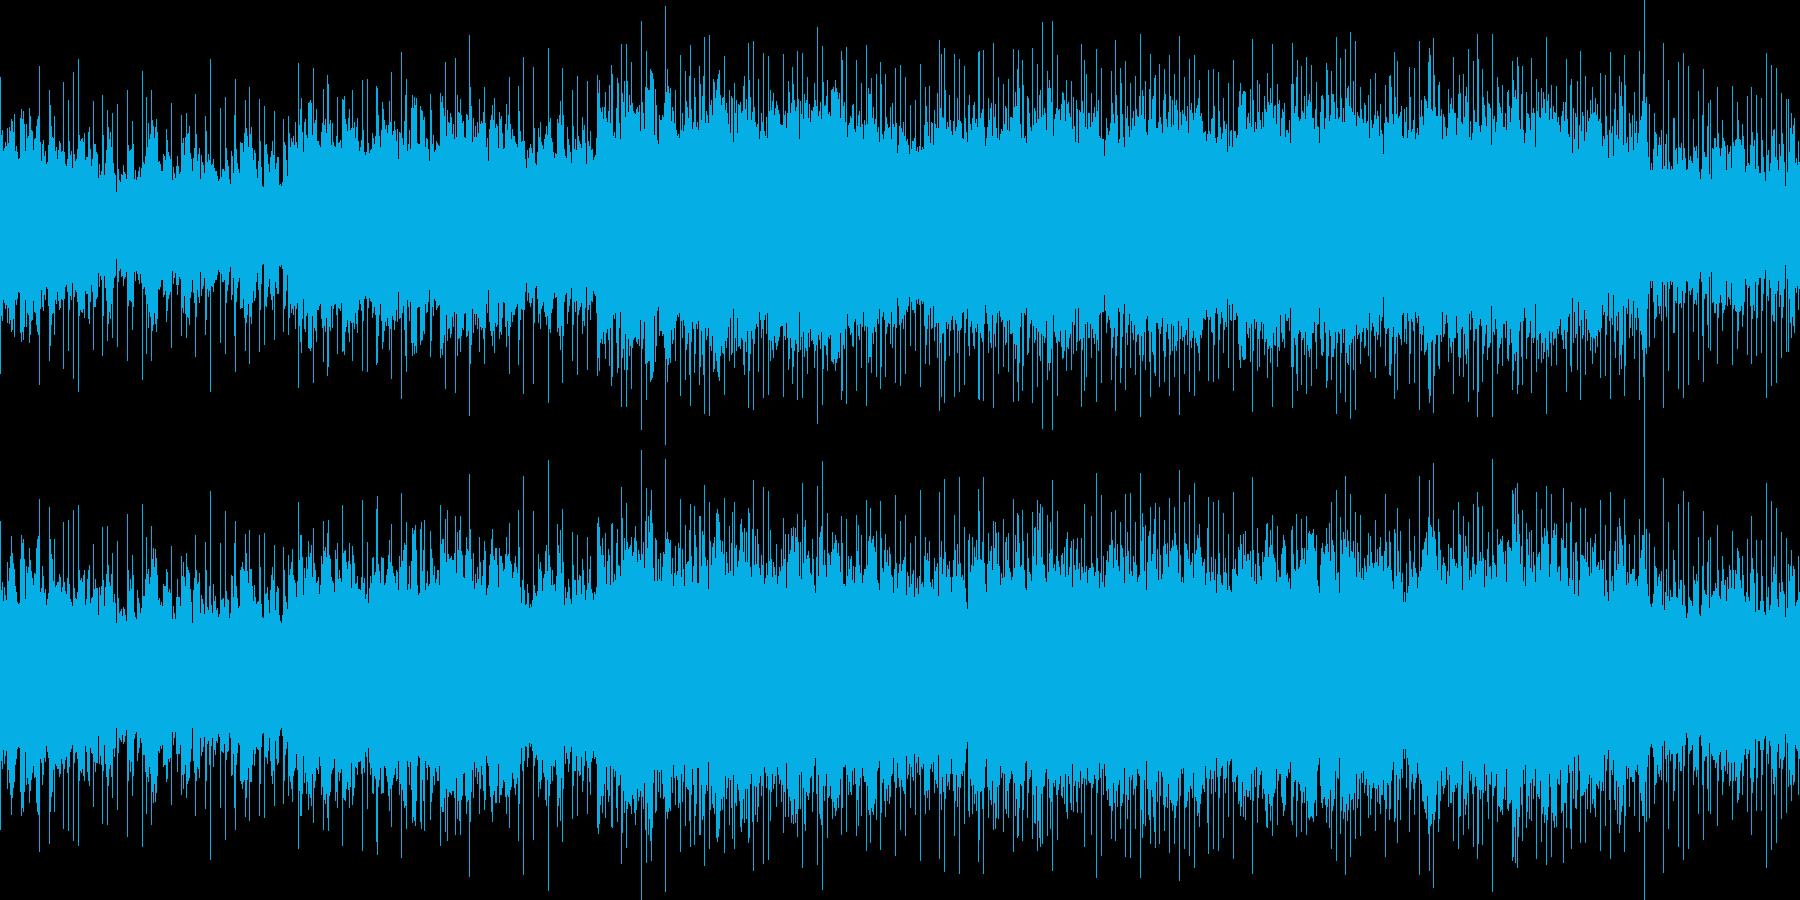 ハードロック調の戦闘曲風チューンの再生済みの波形